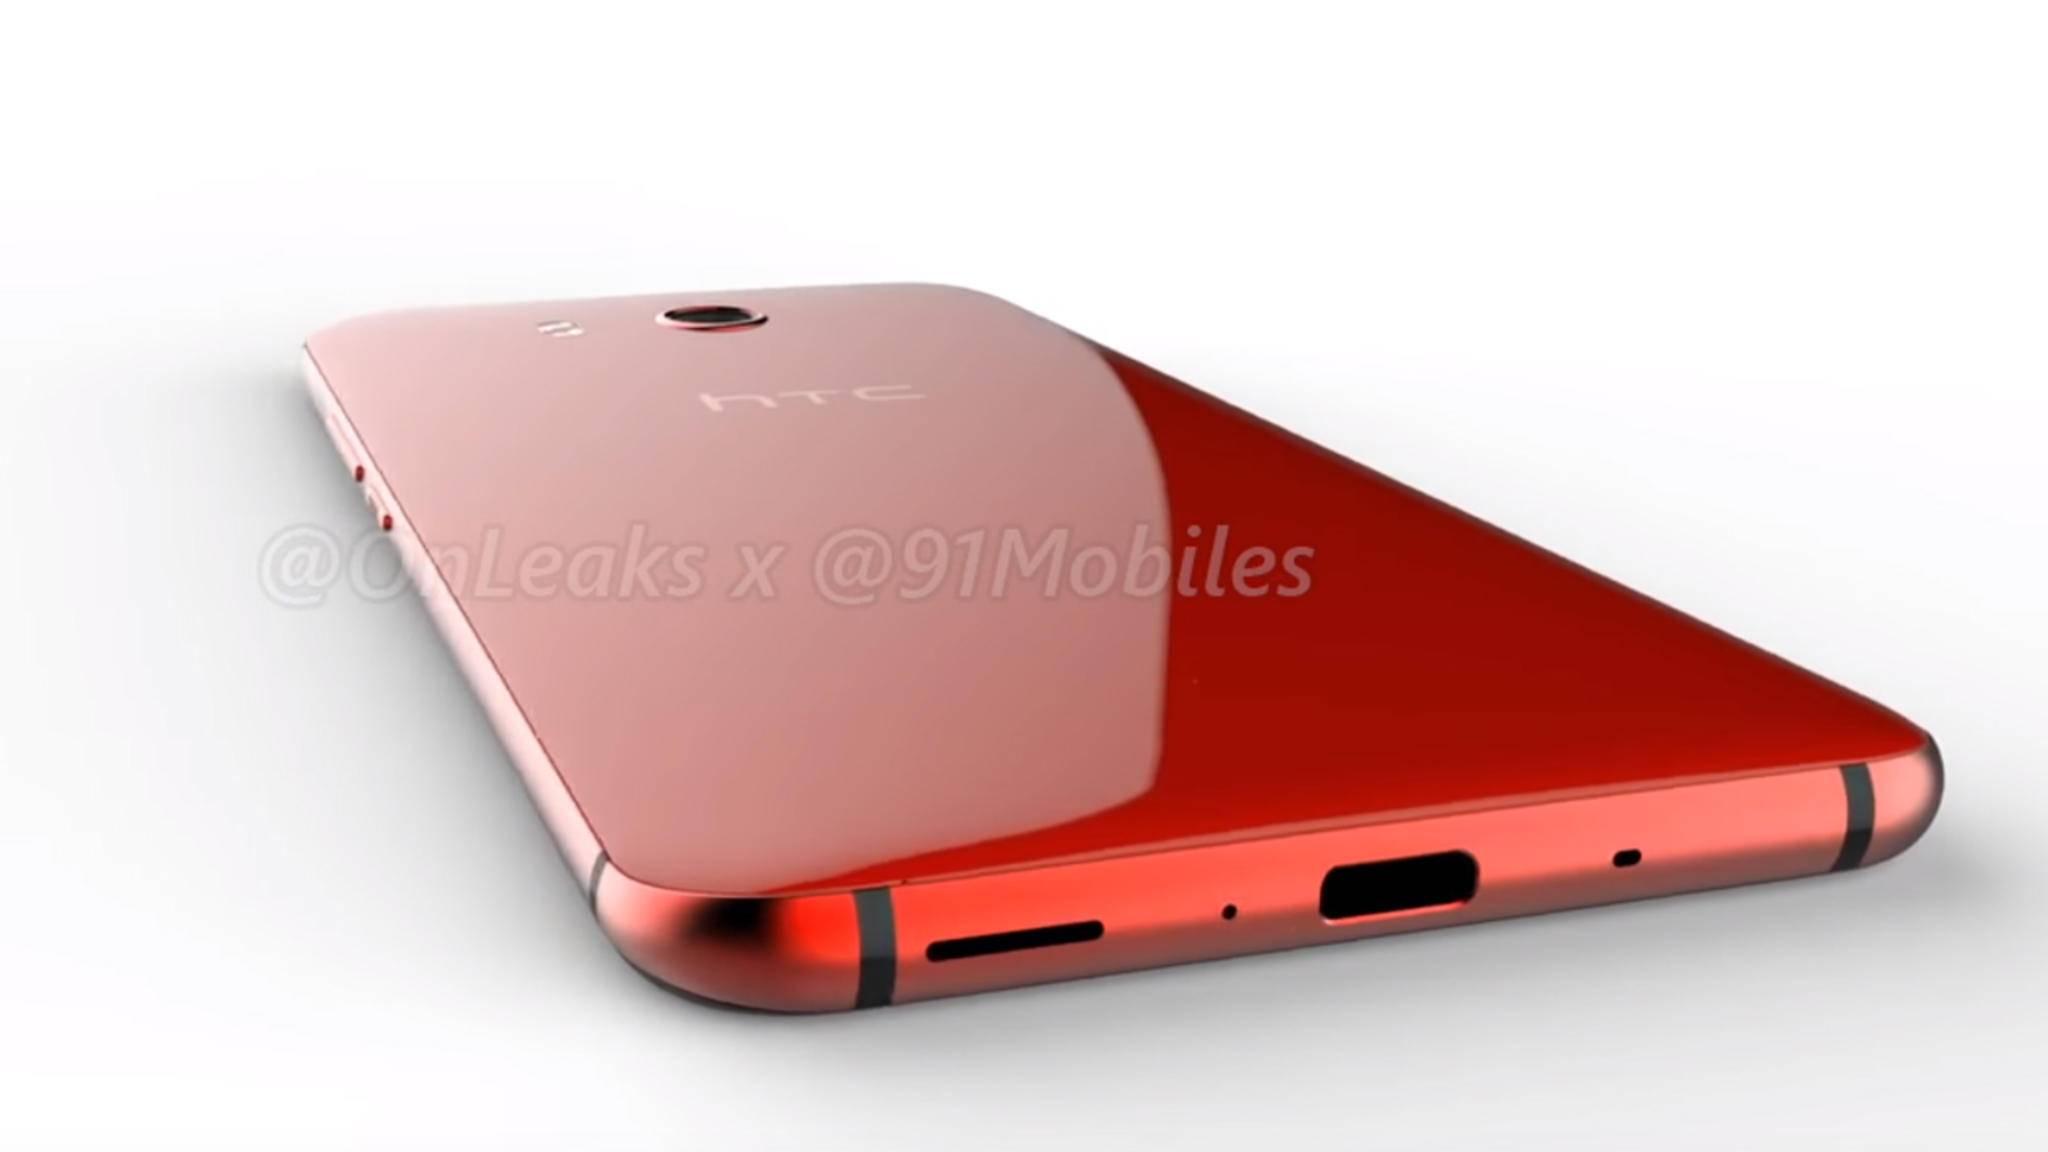 Wird am 16. Mai auch gleich eine rote Version des HTC U 11 gezeigt?